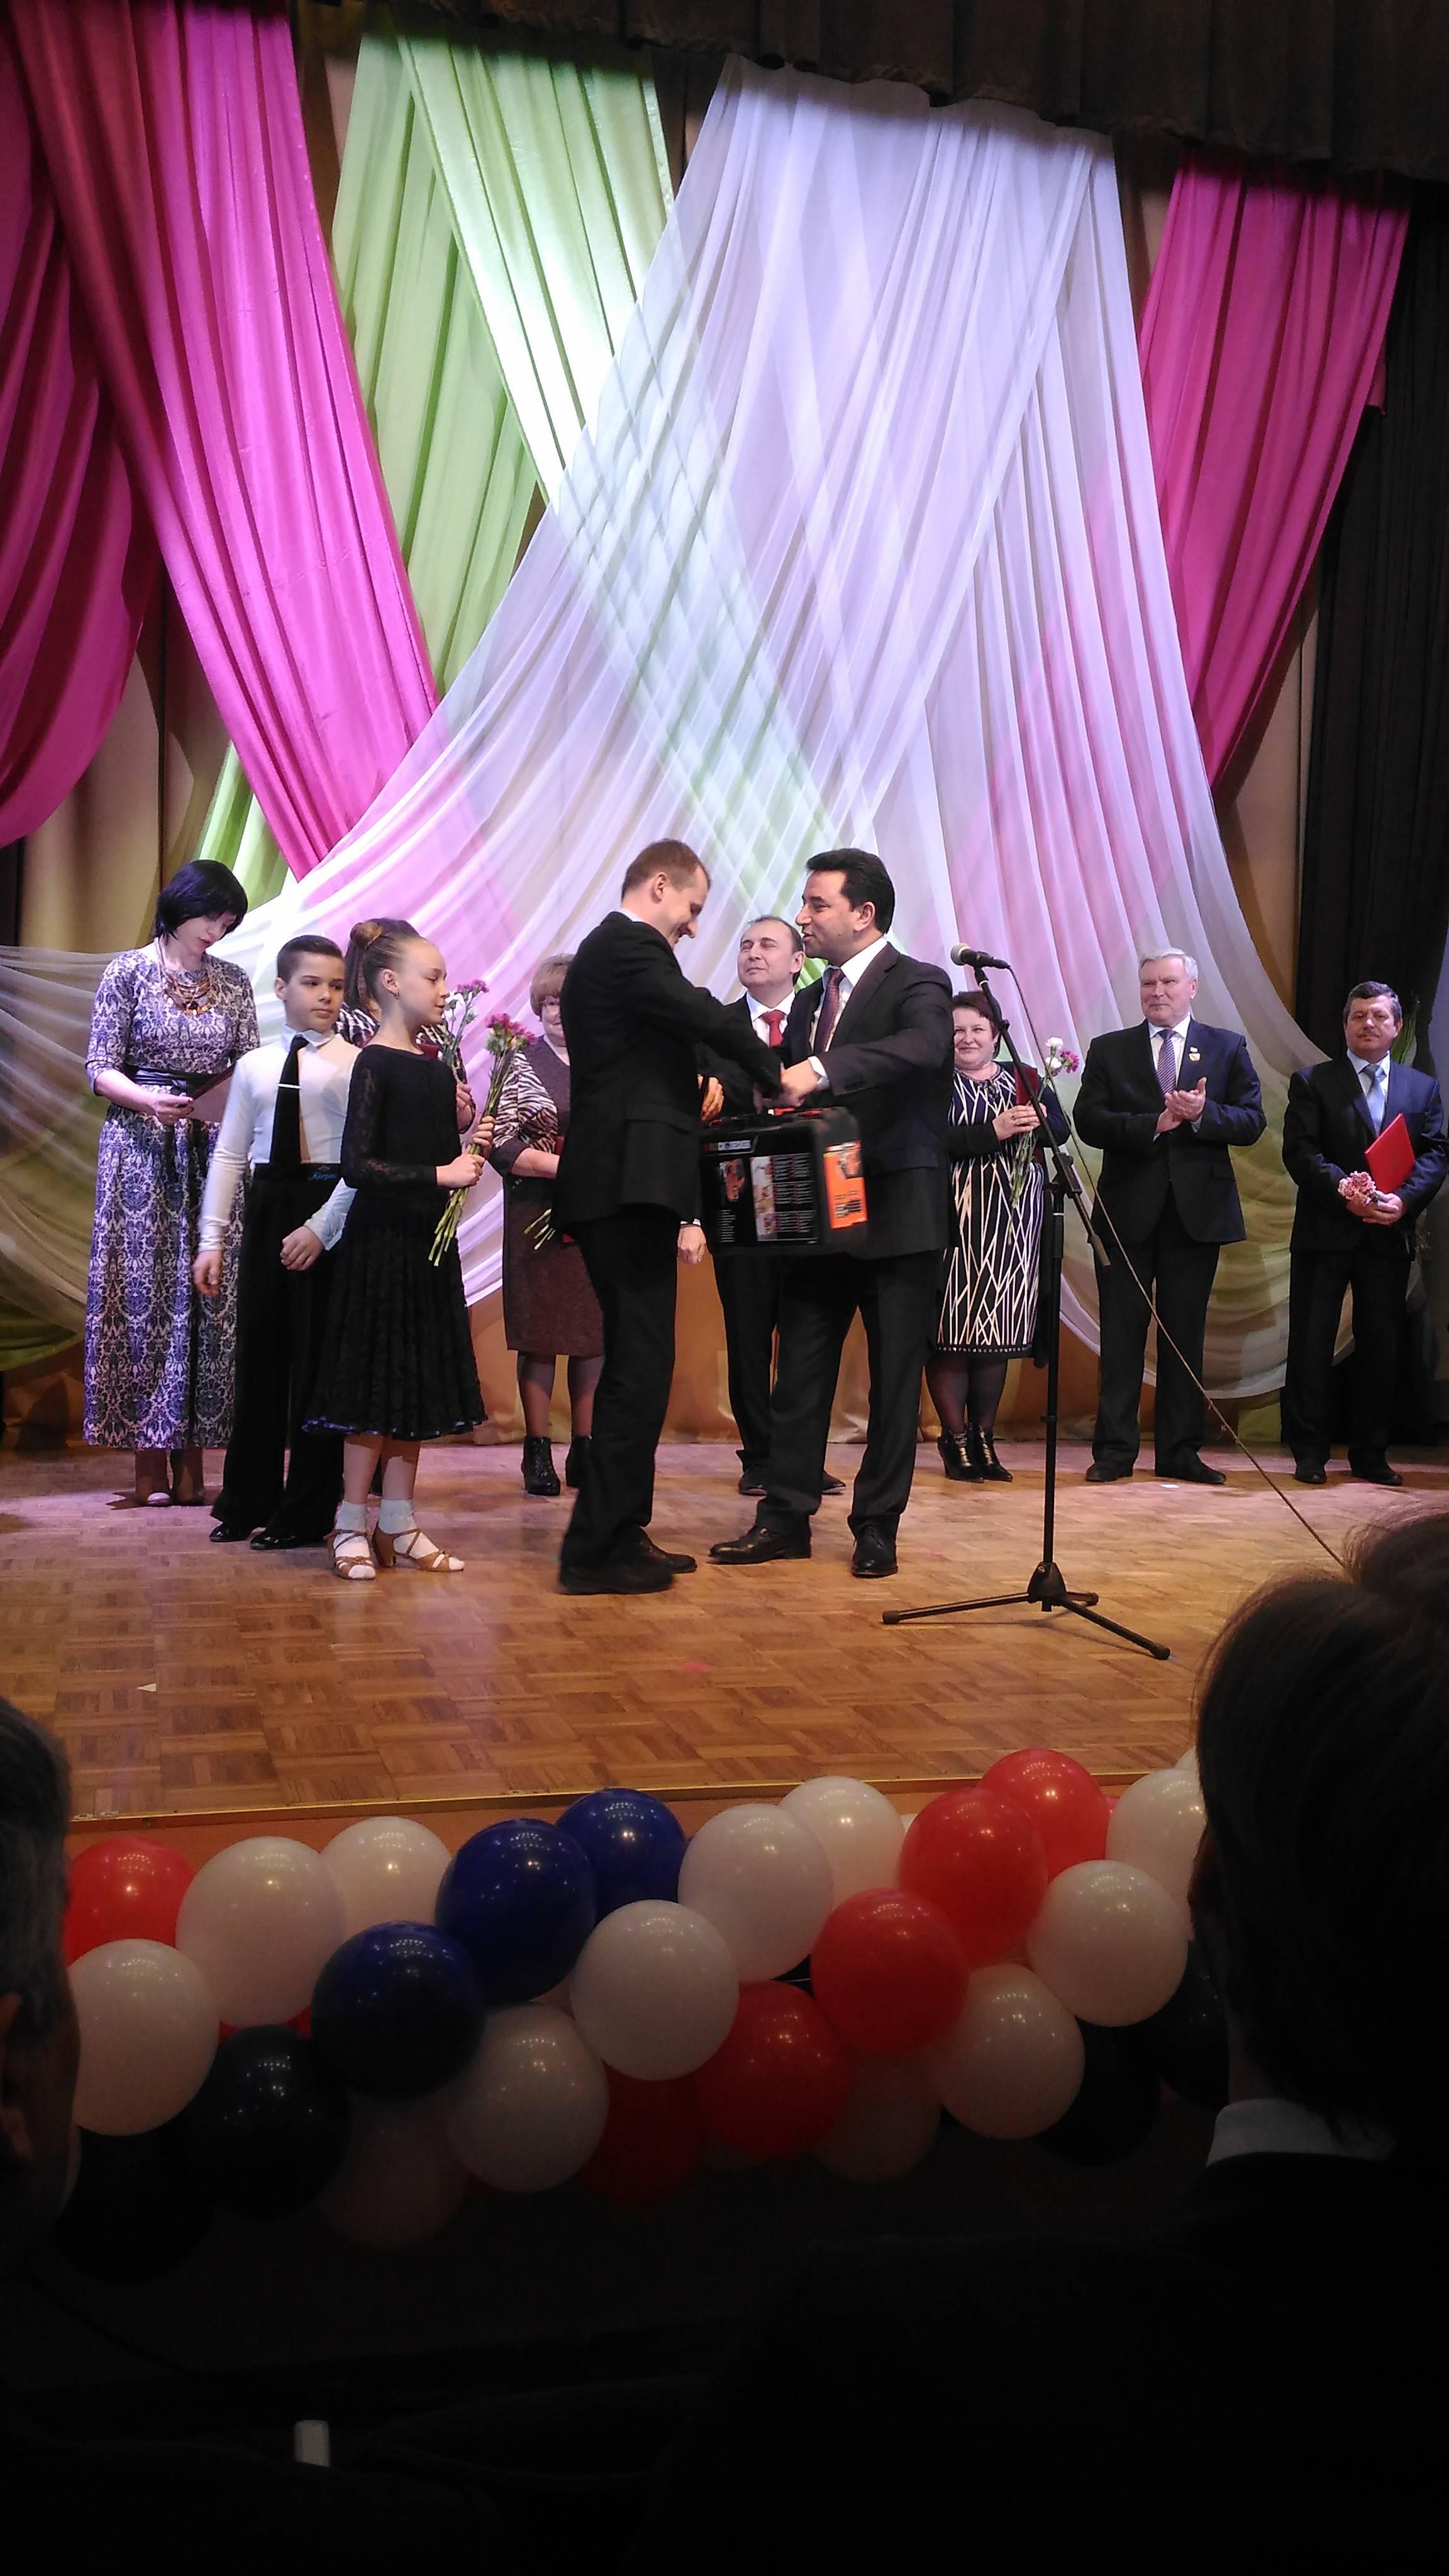 Профессиональные поздравления от депутата Саяда Алиева прозвучали для ЖКХ-работников Ленинградской области